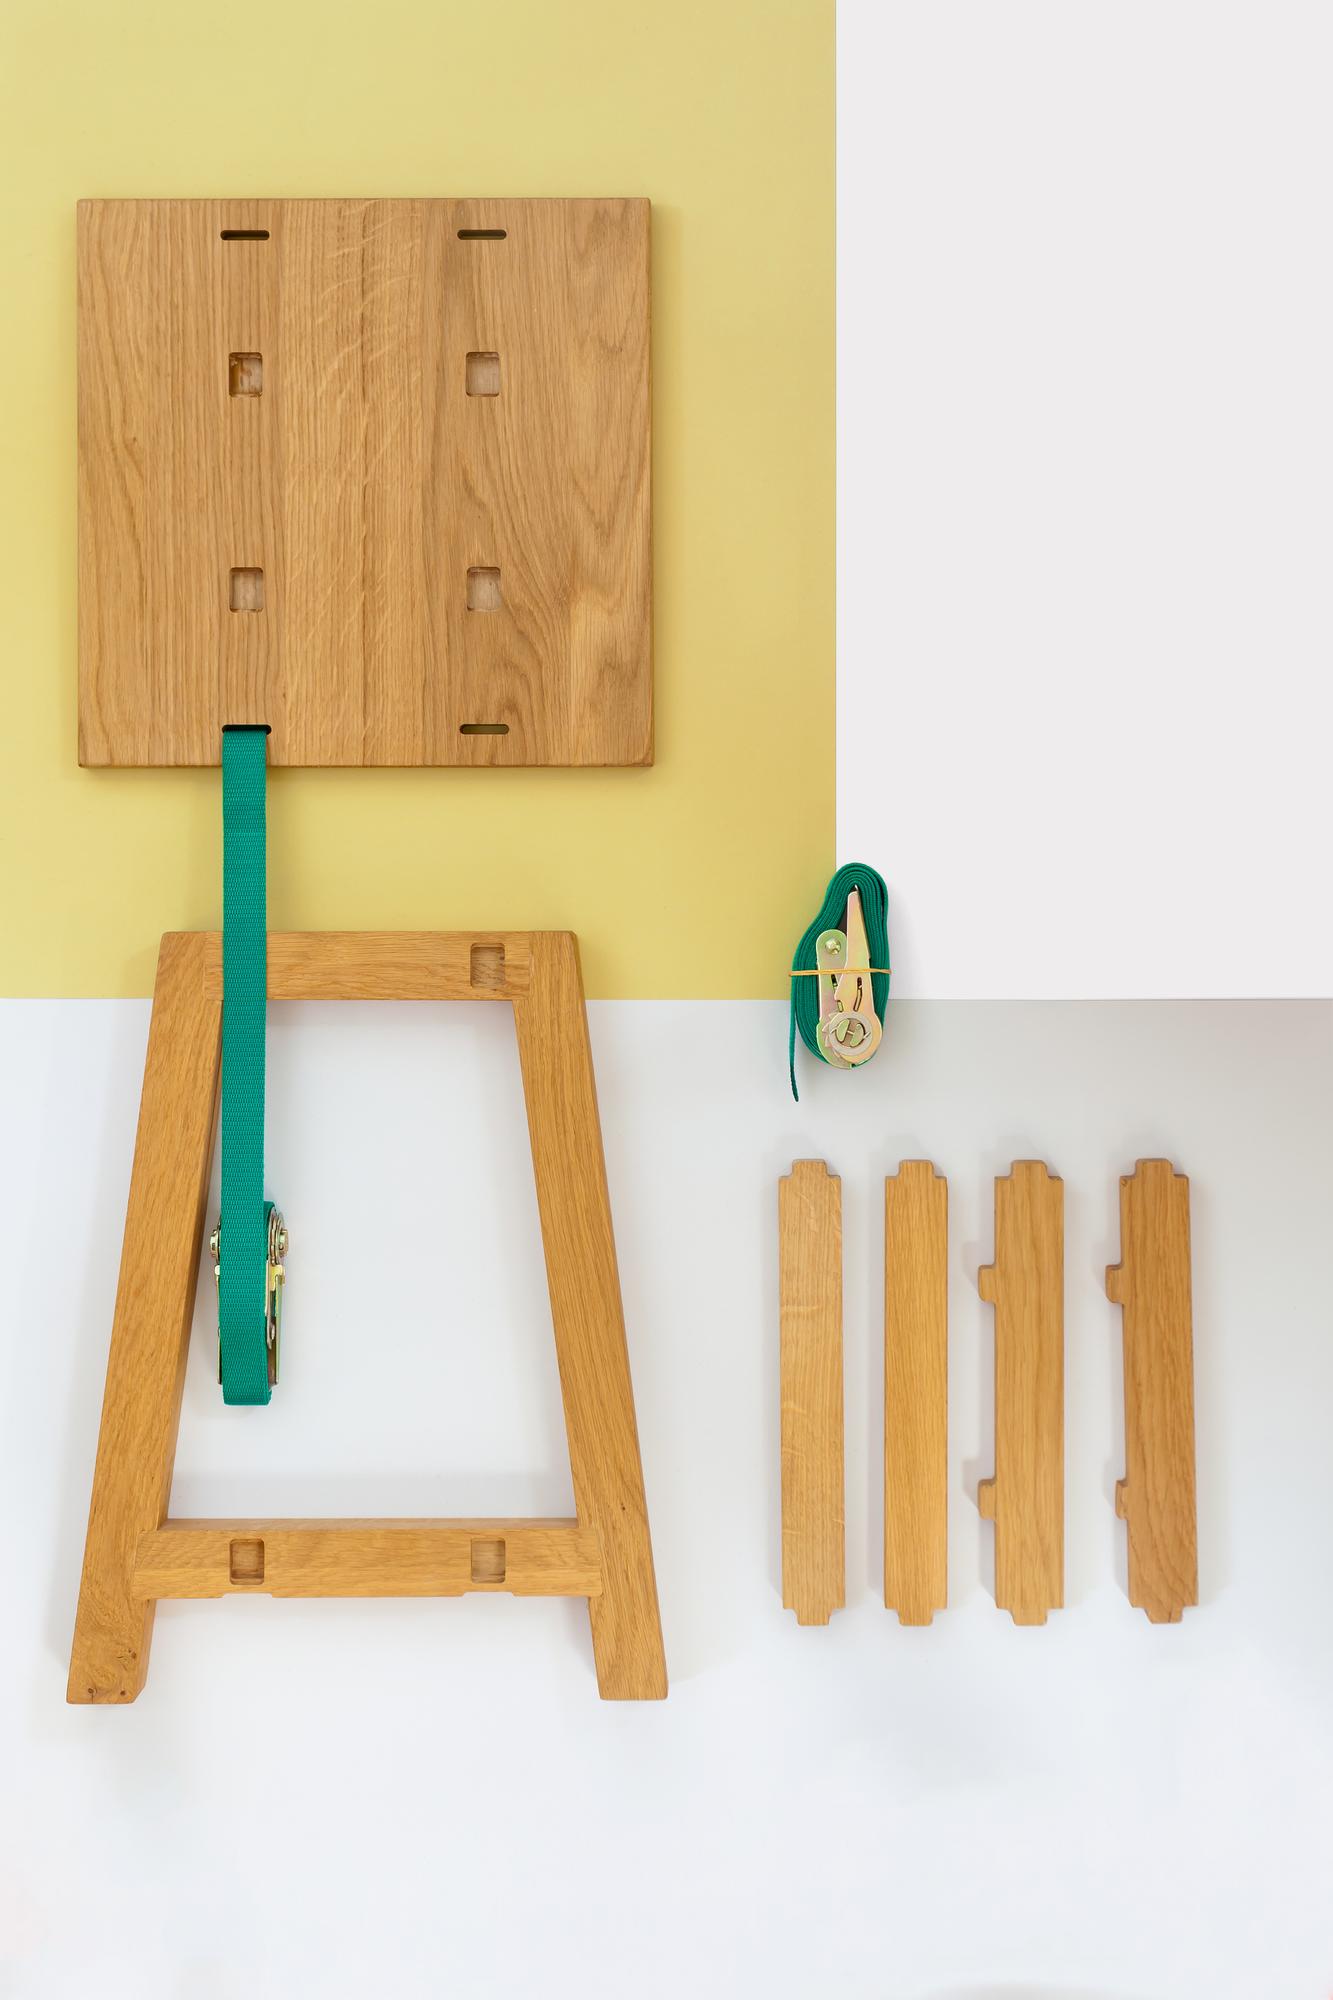 Vij5 Strap Stool Kruk Dutch Design meubels Gimmii Webshop Woonkamer Project